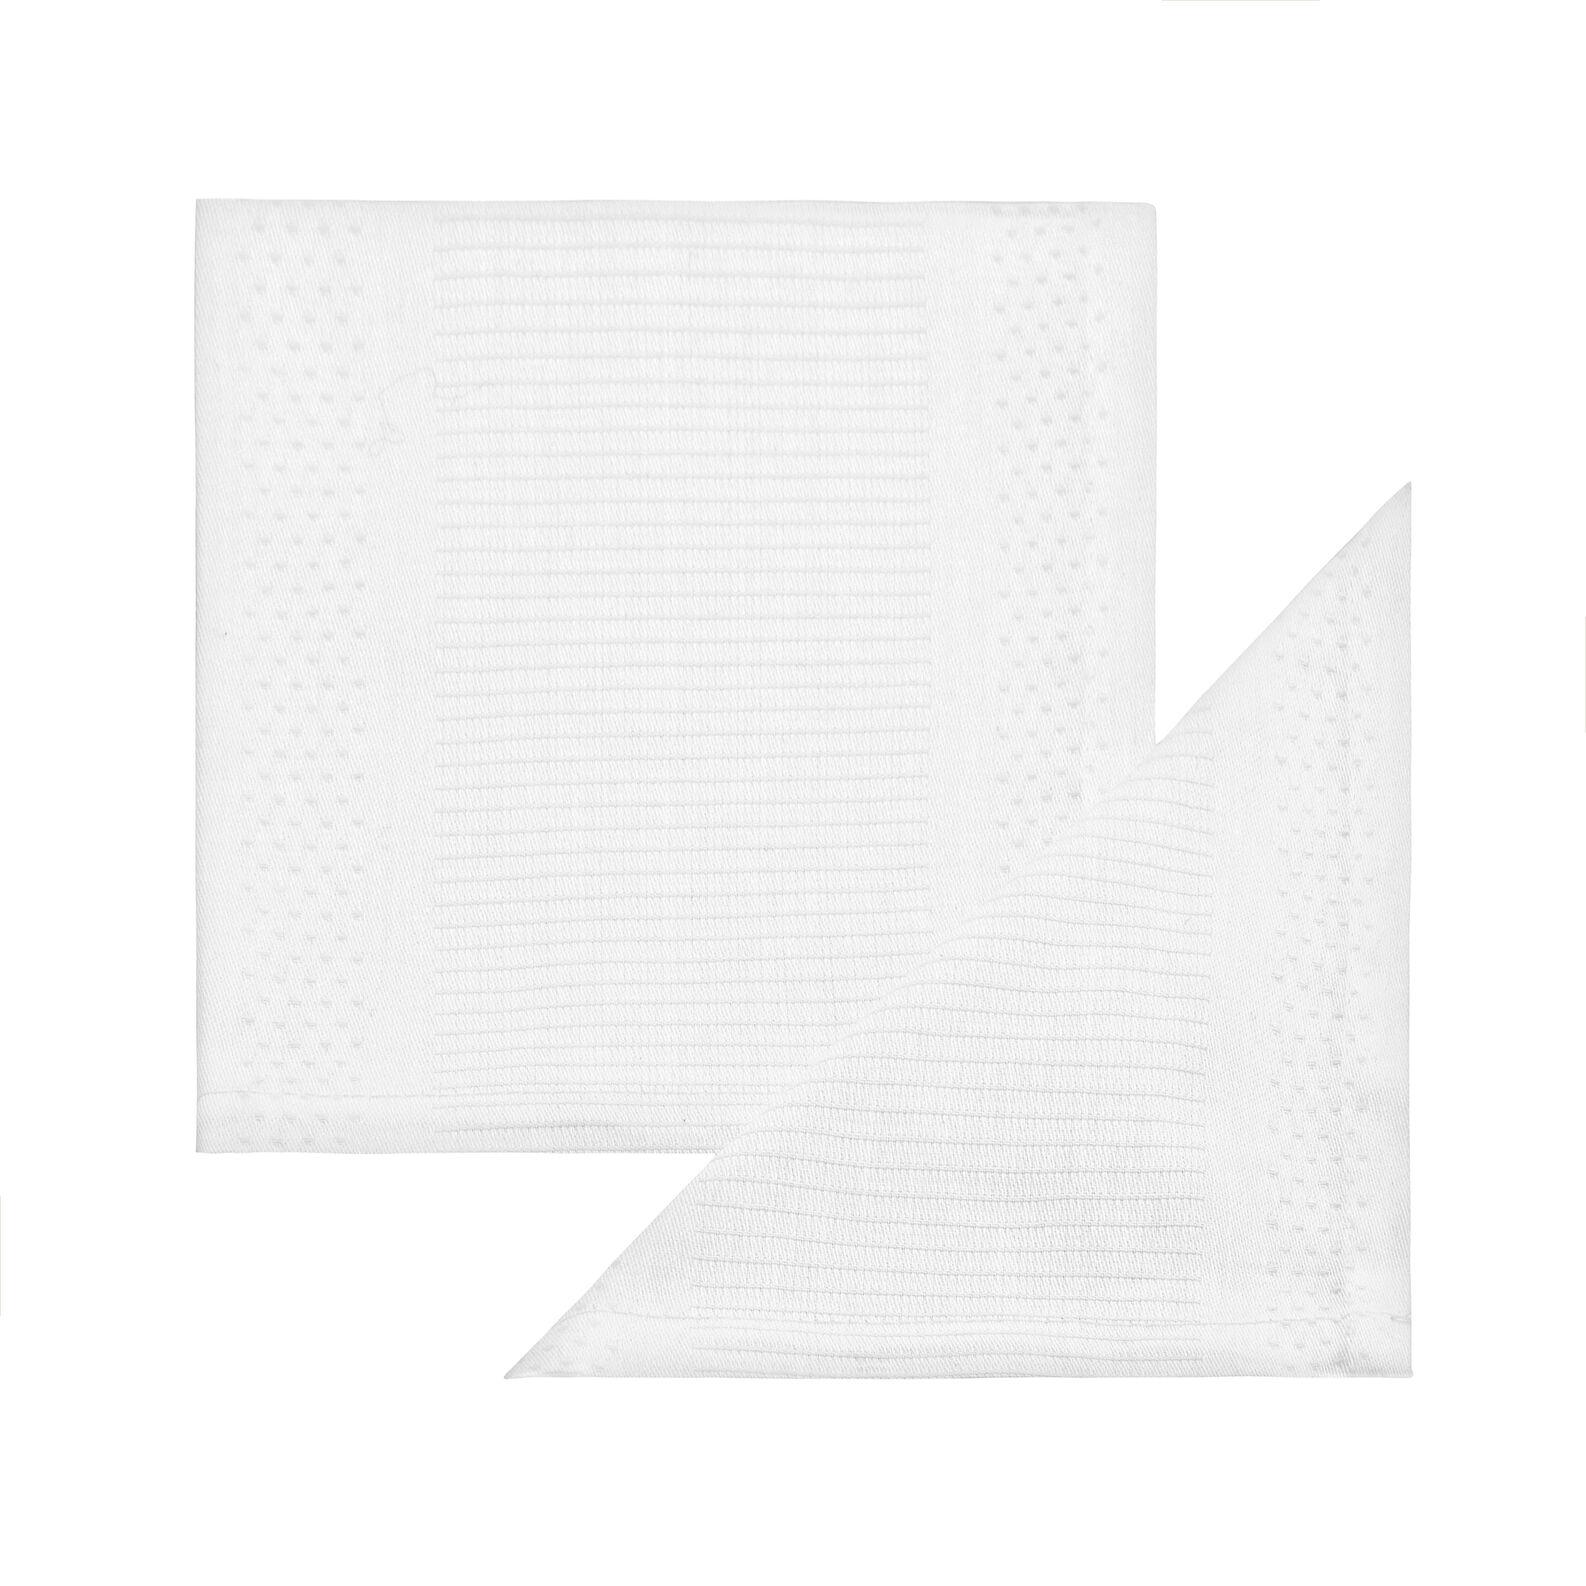 Set of two 100% Egyptian cotton jacquard napkins